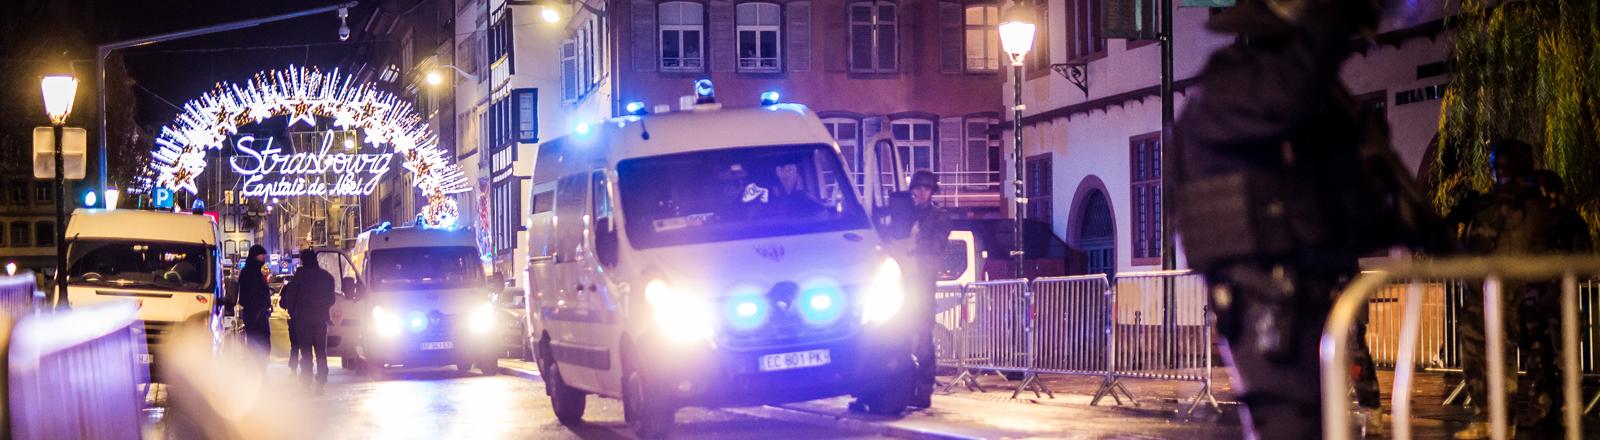 Polizeiautos mit Blaulicht vor dem Weihnachtsmarkt in Straßburg nach dem Anschlag vom 11.12.2018